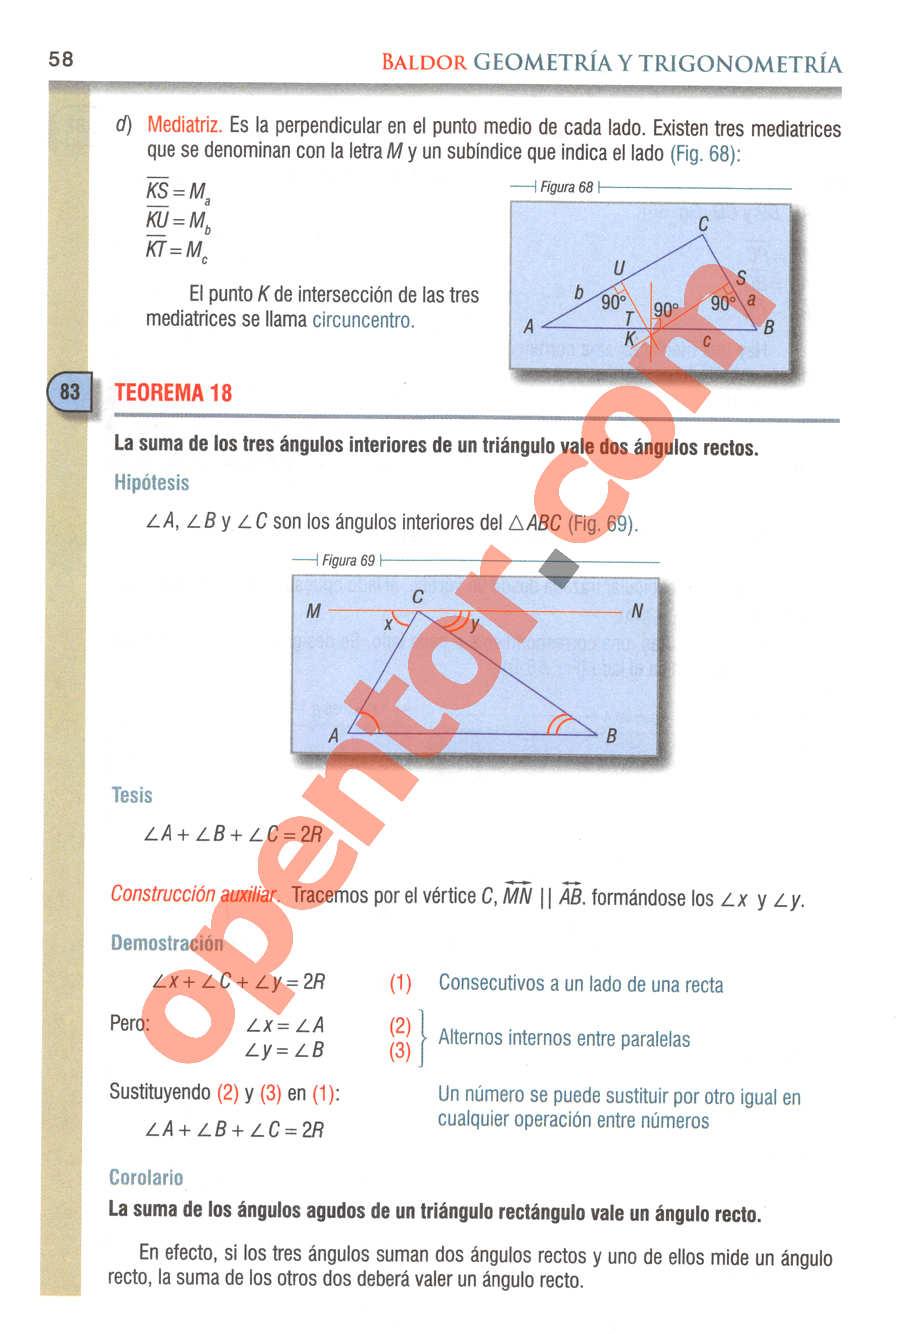 Geometría y Trigonometría de Baldor - Página 58